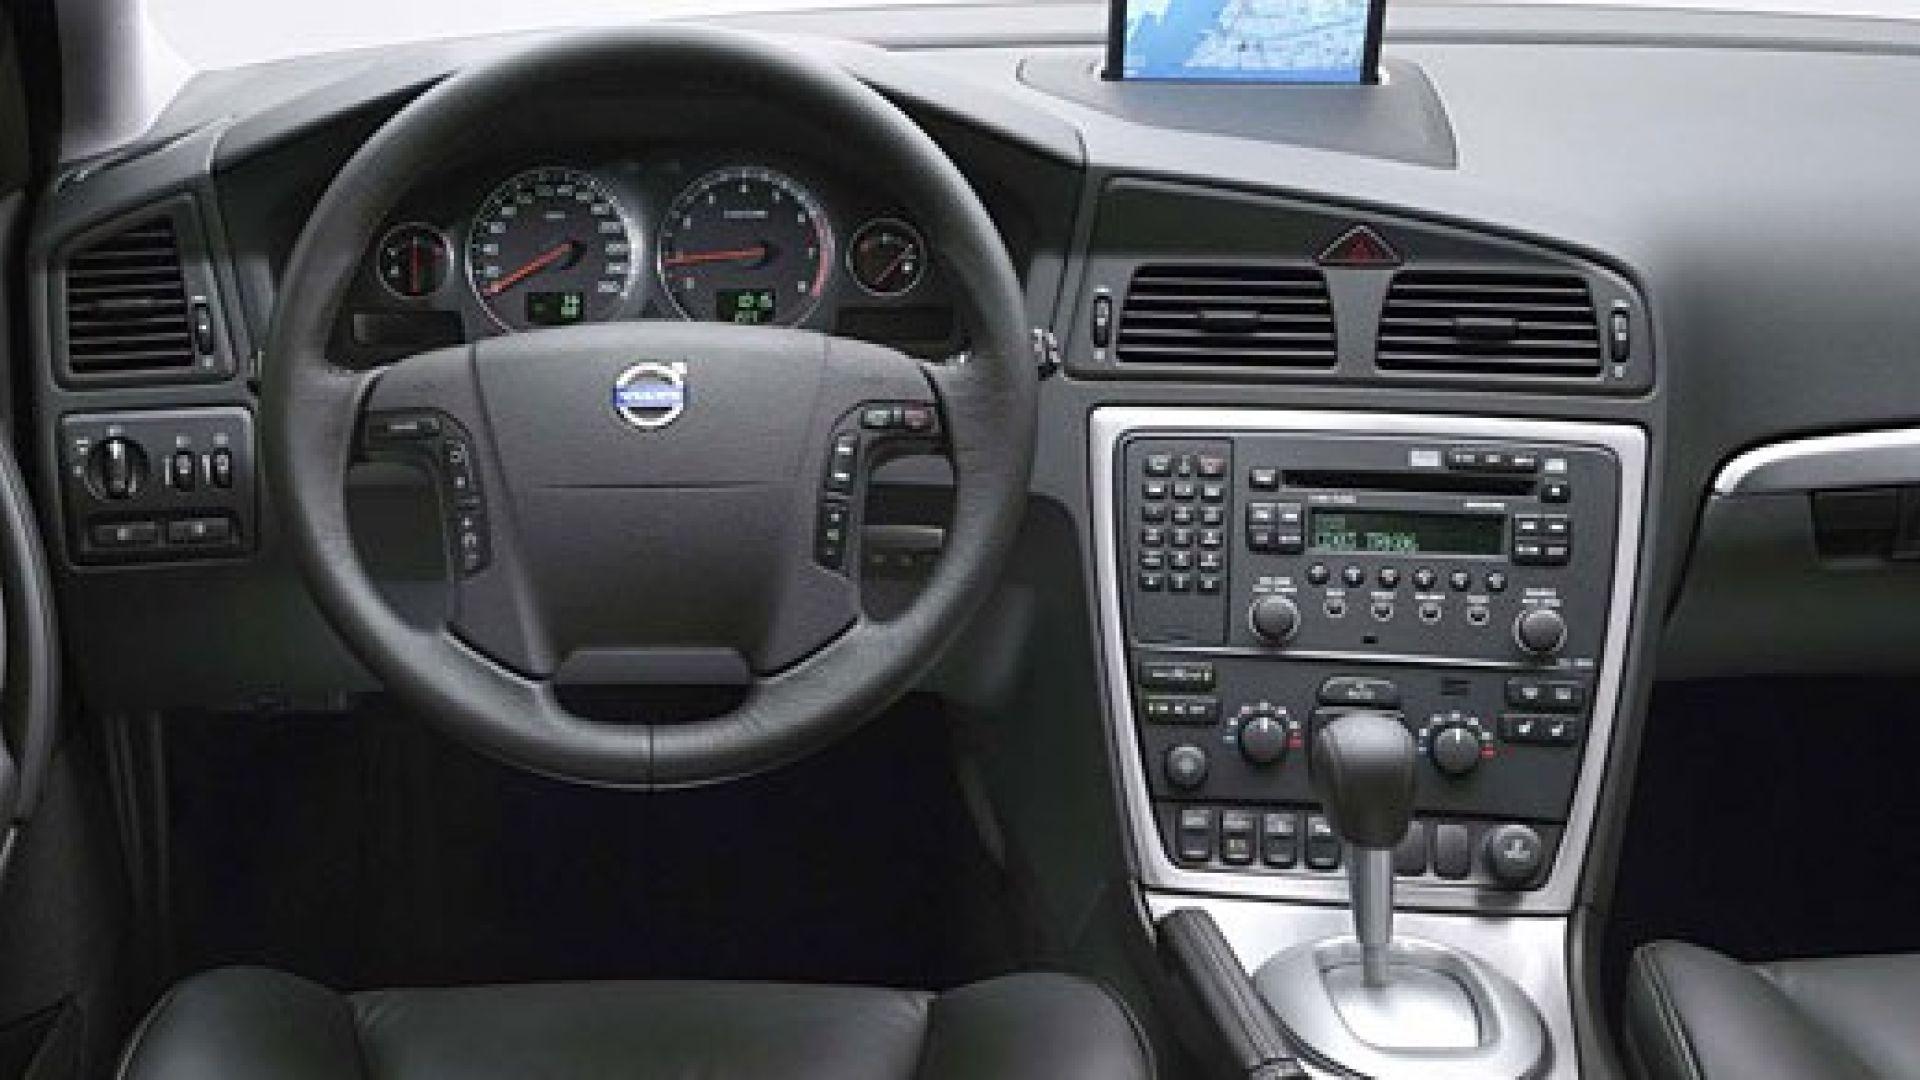 Anteprima: Volvo S60, V70 e XC70 2005 - MotorBox